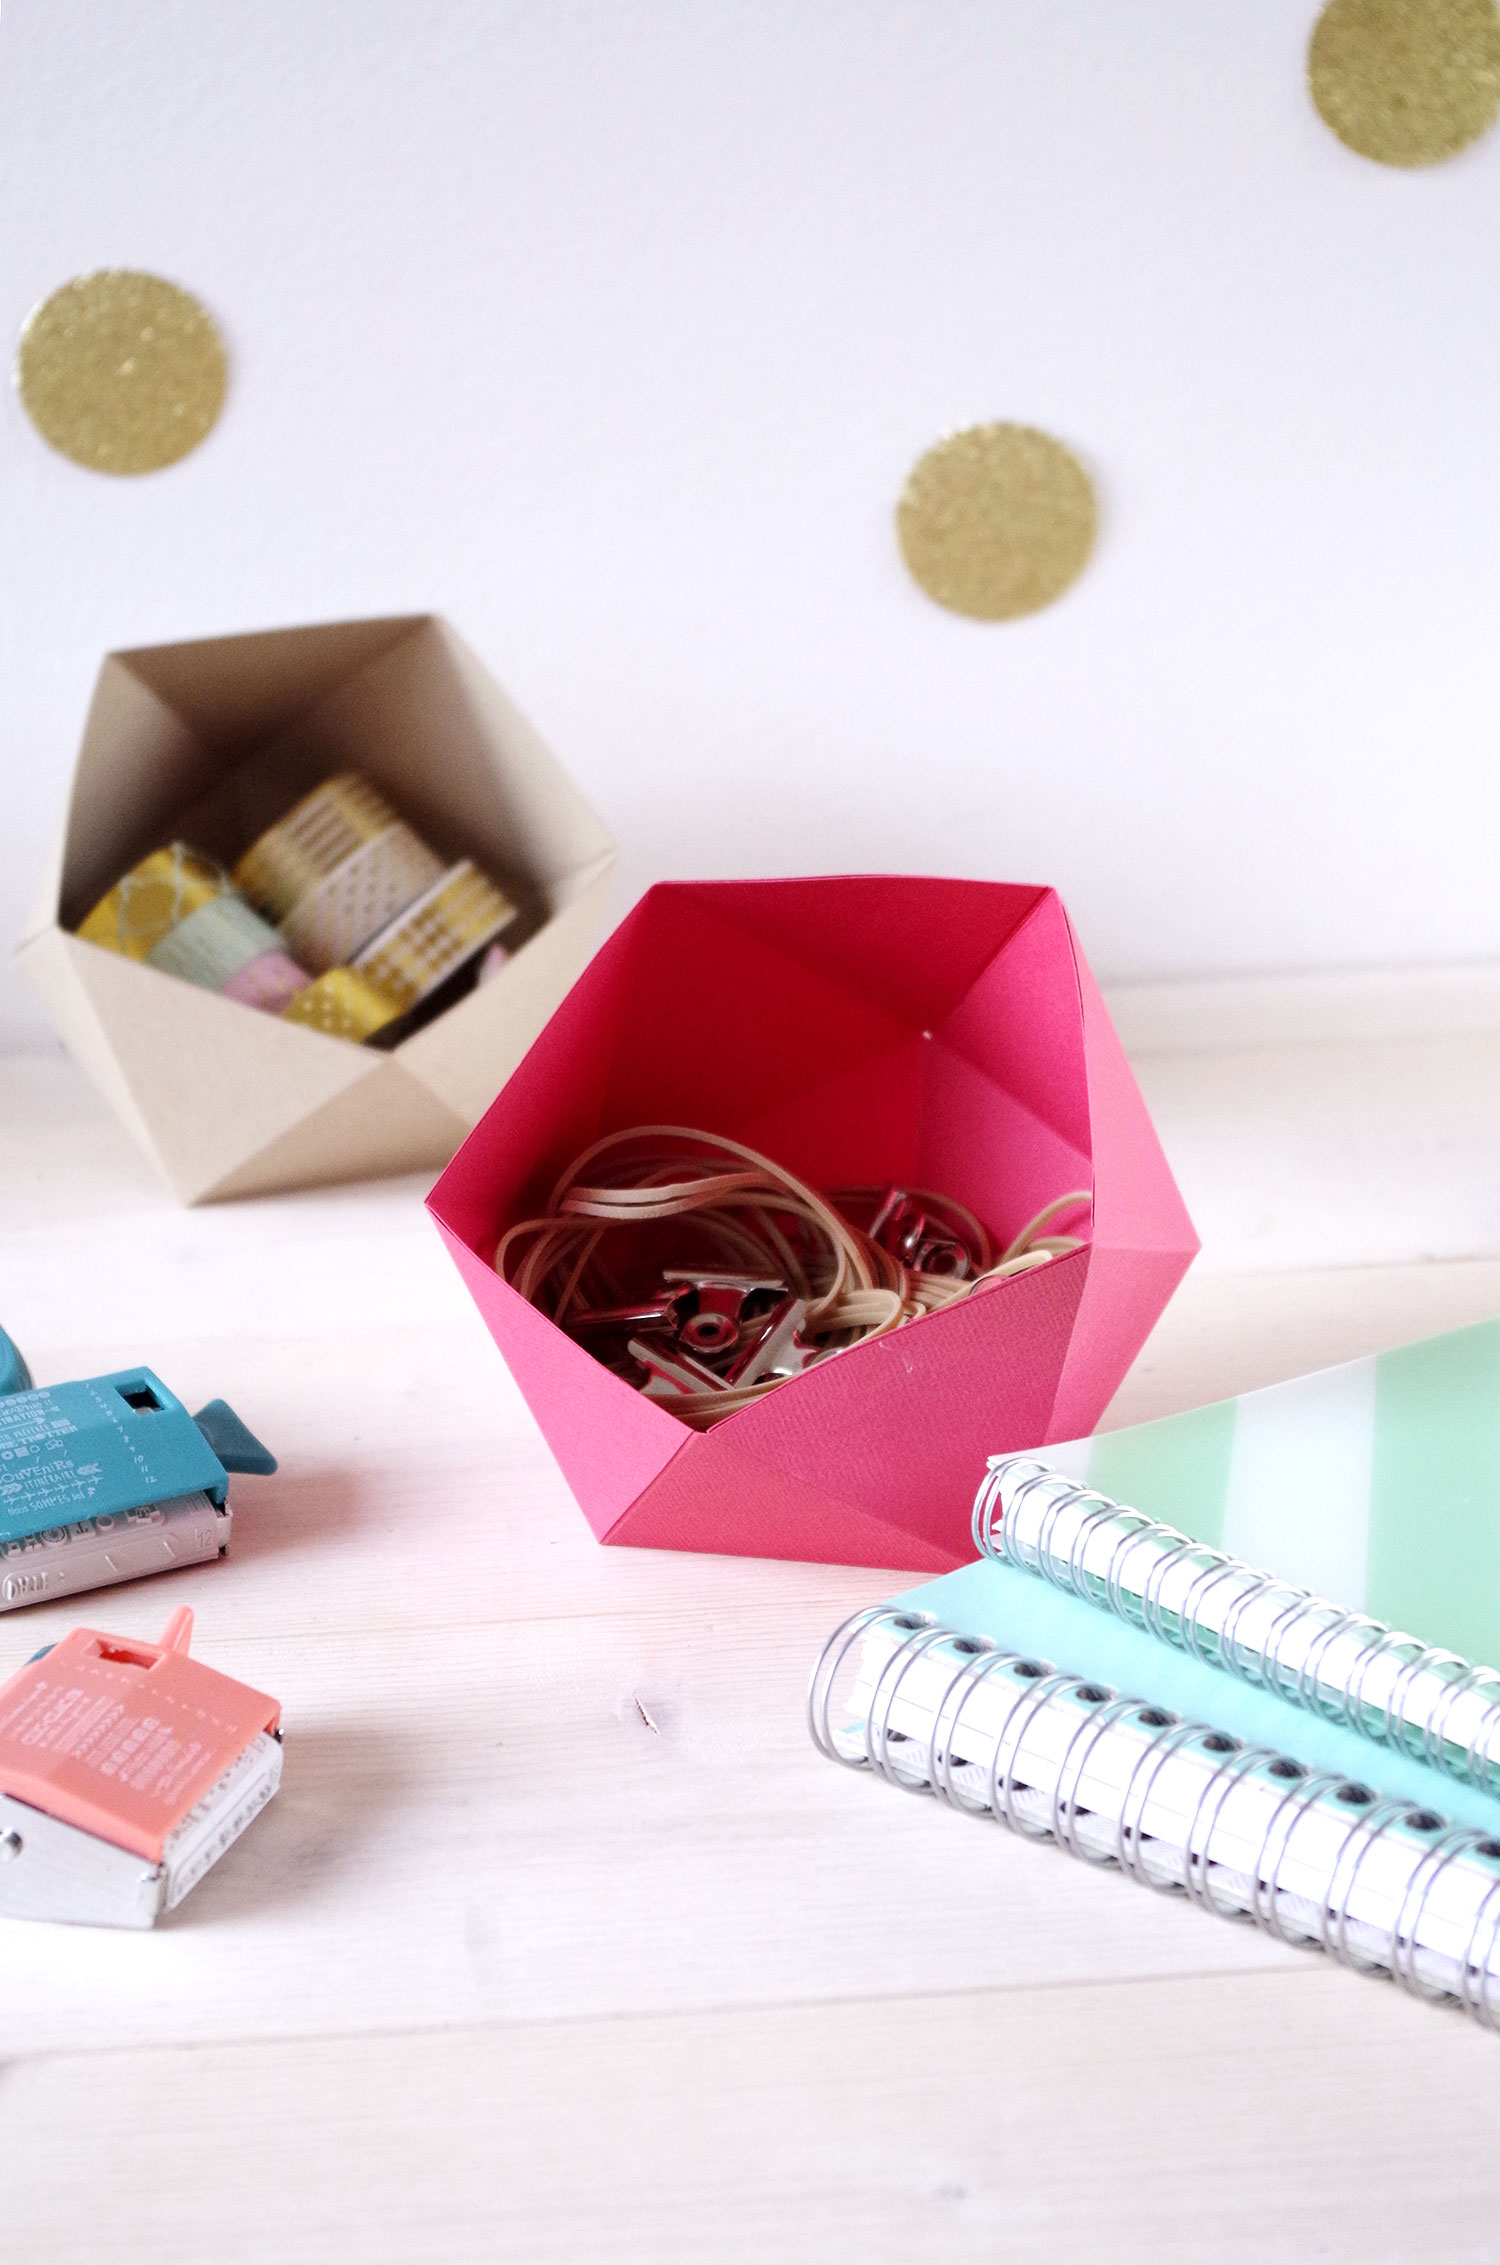 f te unique blog diy photo cr ation diy les vide poches en papier pour le bureau. Black Bedroom Furniture Sets. Home Design Ideas